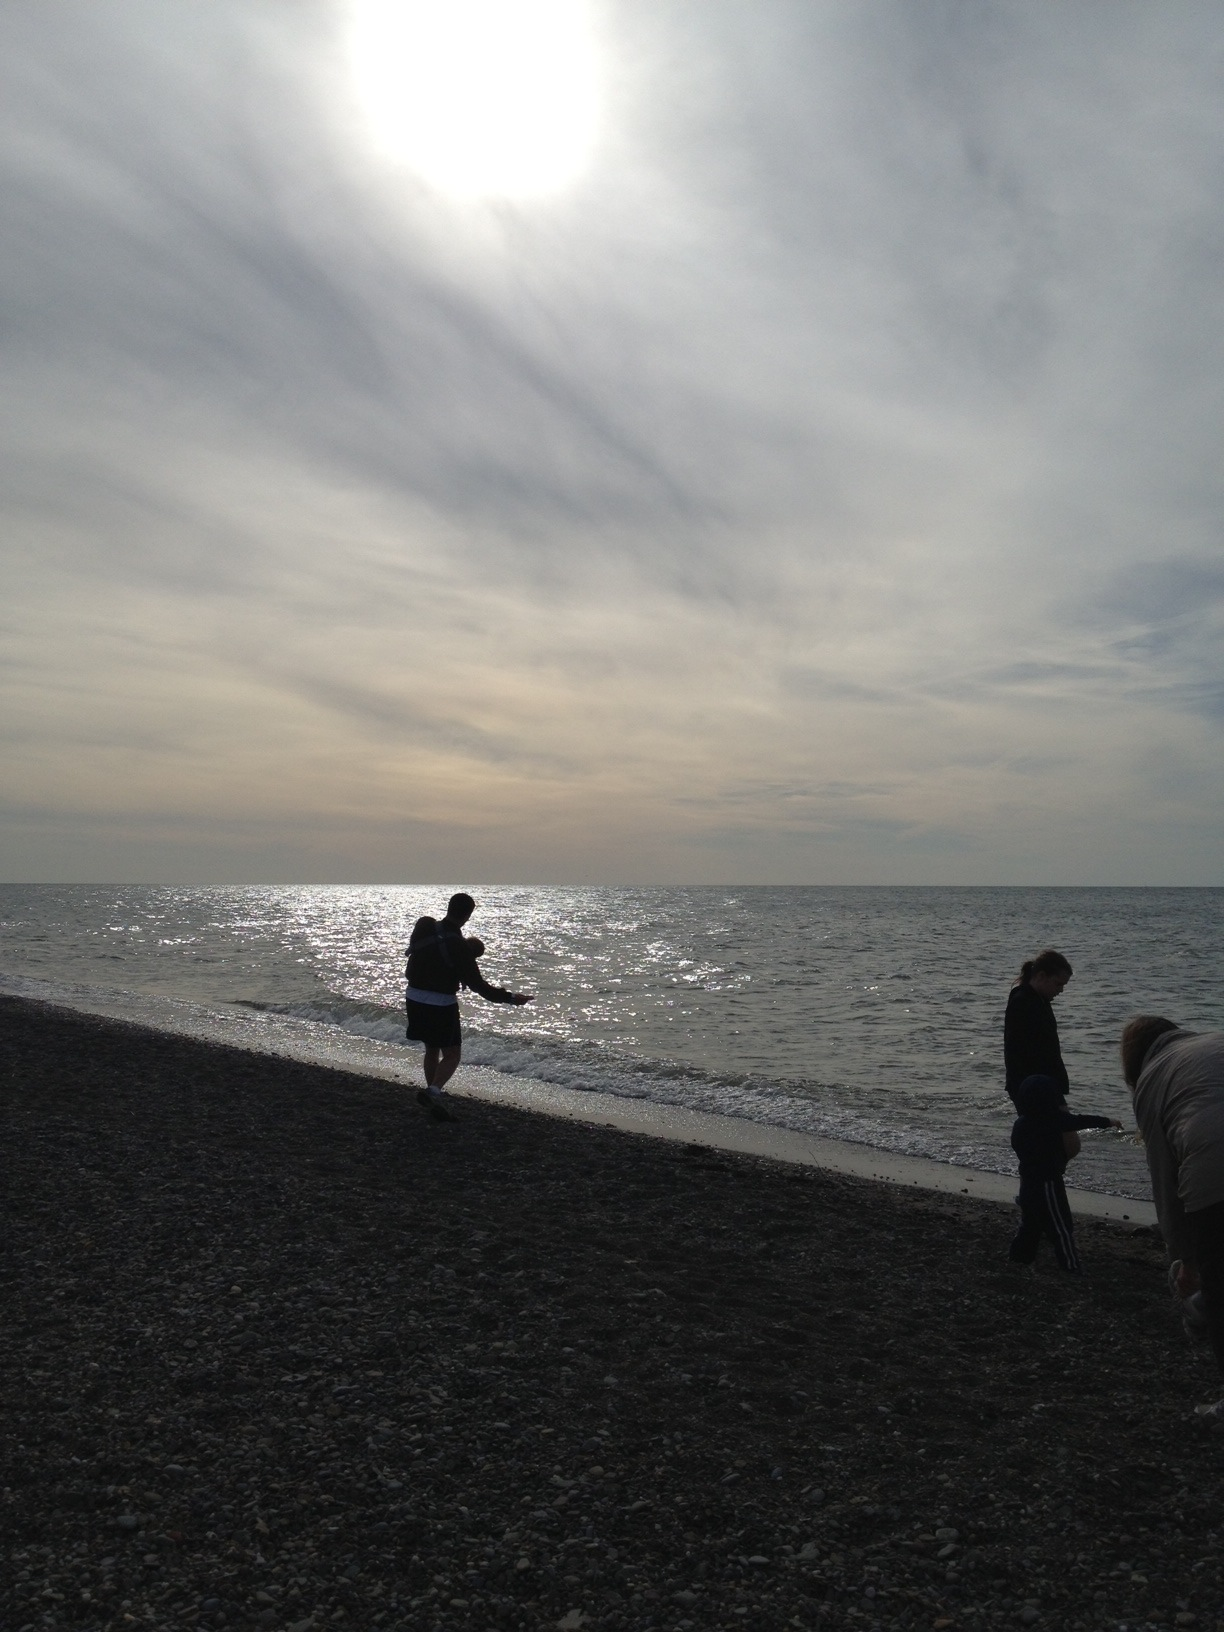 2013-06-01-starfishenterprise.jpeg